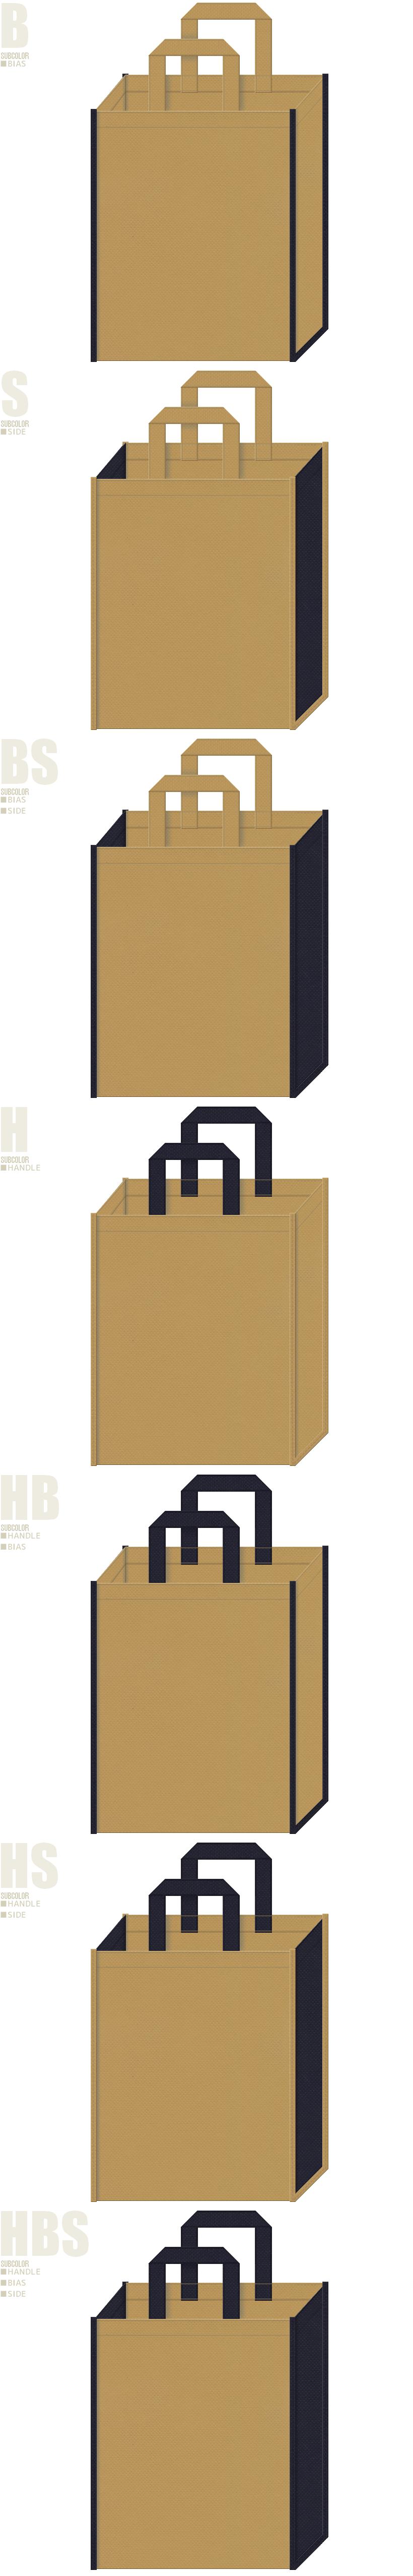 インディゴデニム・ジーンズ・カジュアルファッションの展示会用バッグにお奨めの不織布バッグデザイン:金黄土色と濃紺色の配色7パターン